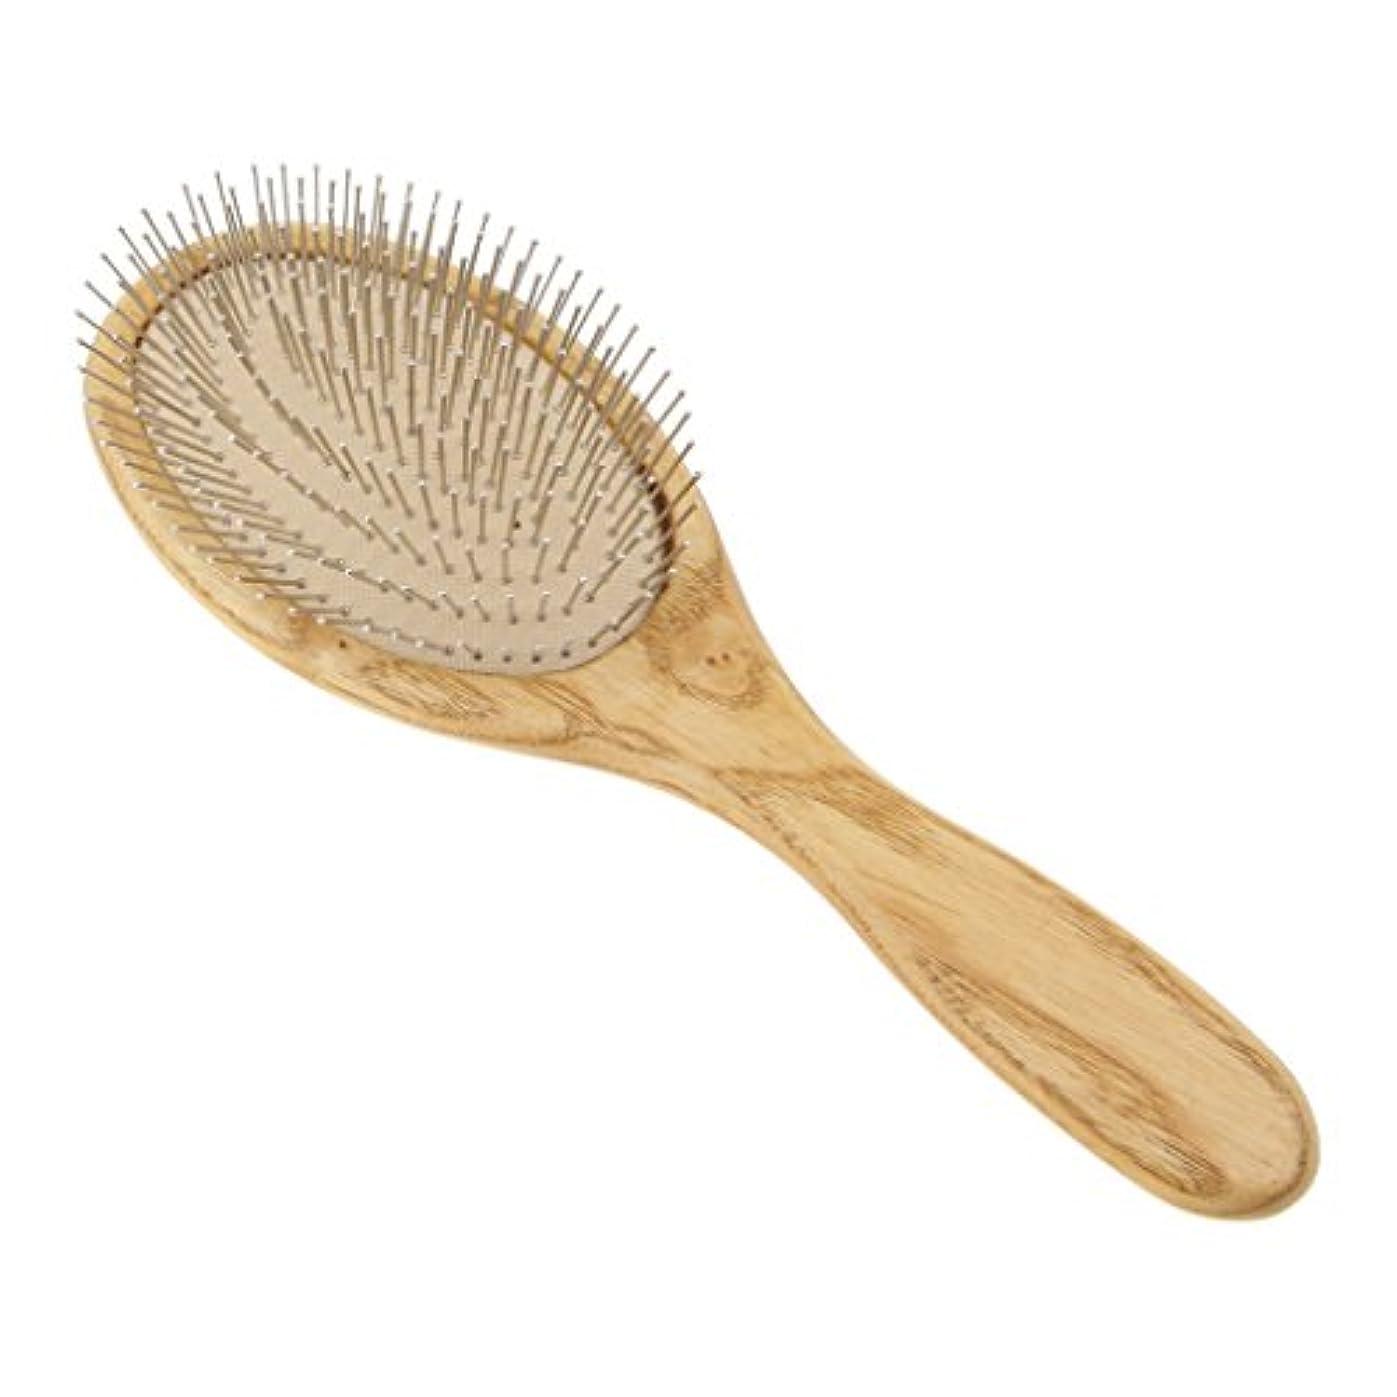 五証書放棄する木製のヘアブラシパドルの頭皮のマッサージエアクッションスチールの歯ヘアブラシ